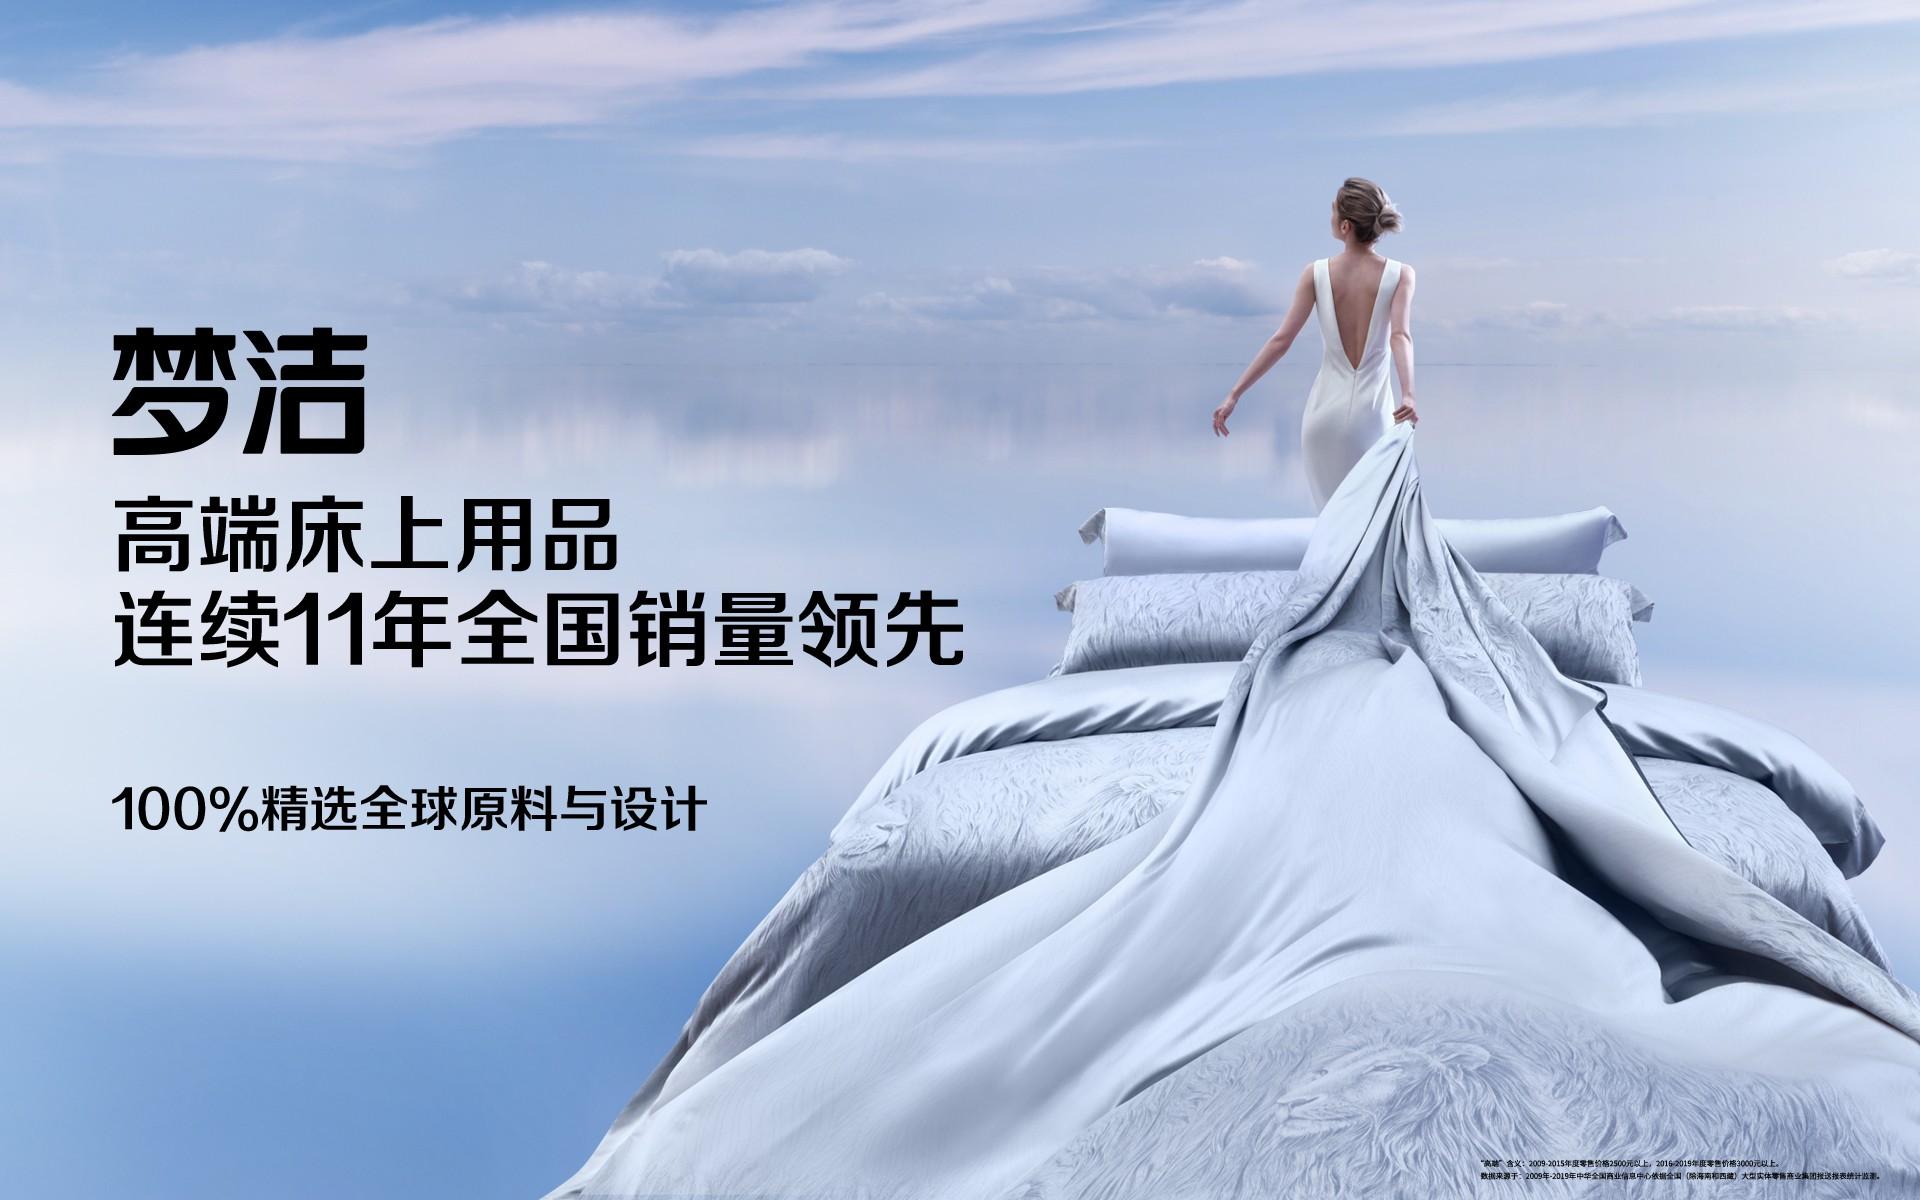 65年品质造梦,梦洁高端床上用品全国领先